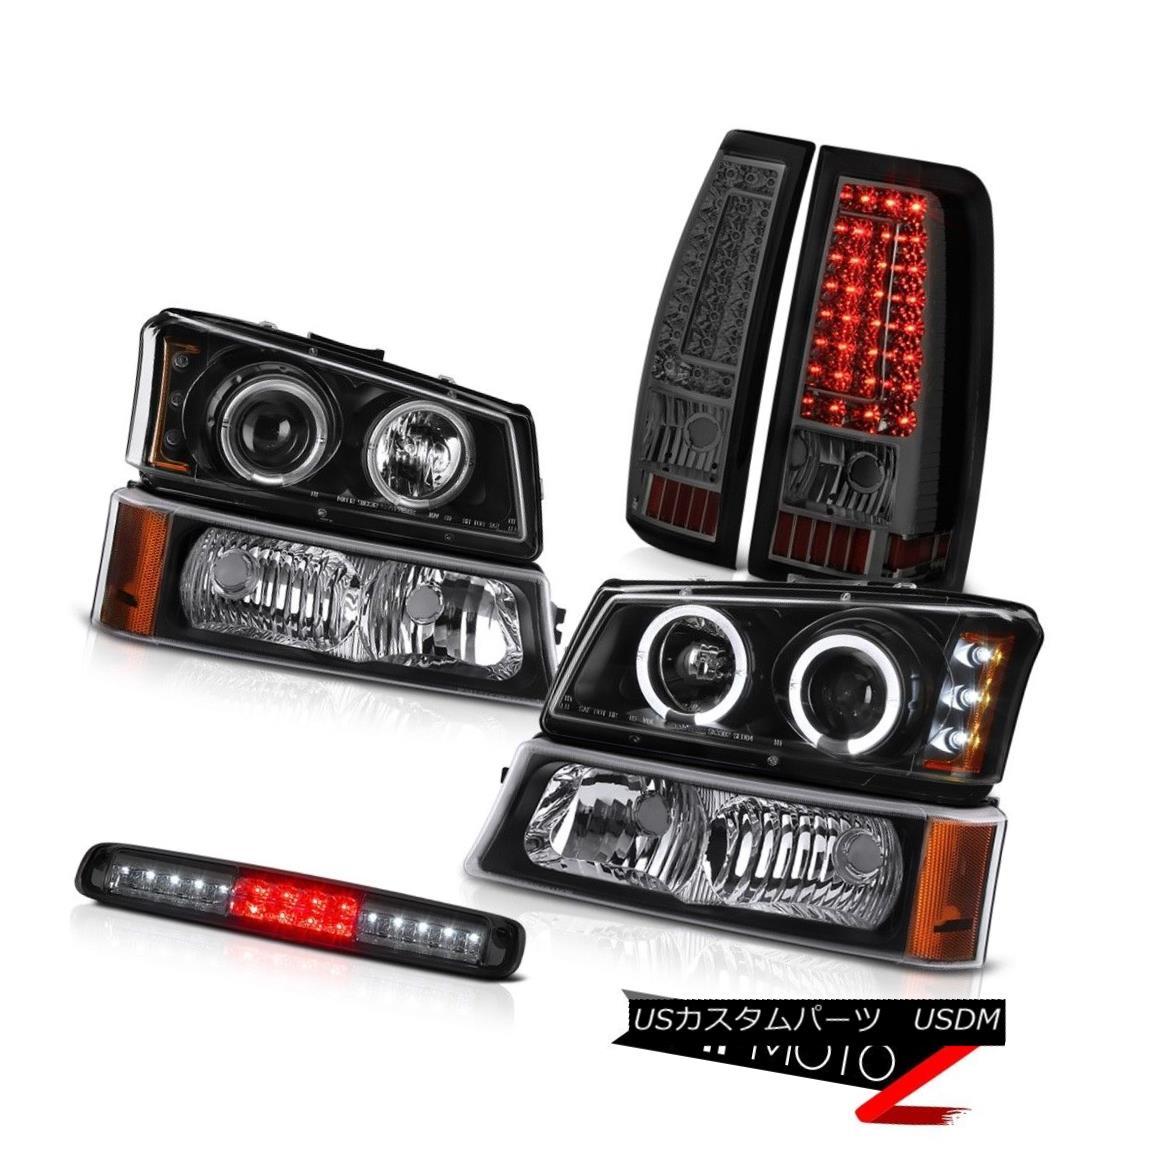 テールライト 03 04 05 06 Silverado High Stop Lamp Taillamps Bumper Headlights SMD Halo Ring 03 04 05 06 SilveradoハイストップランプタイルランプバンパーヘッドライトSMD Haloリング